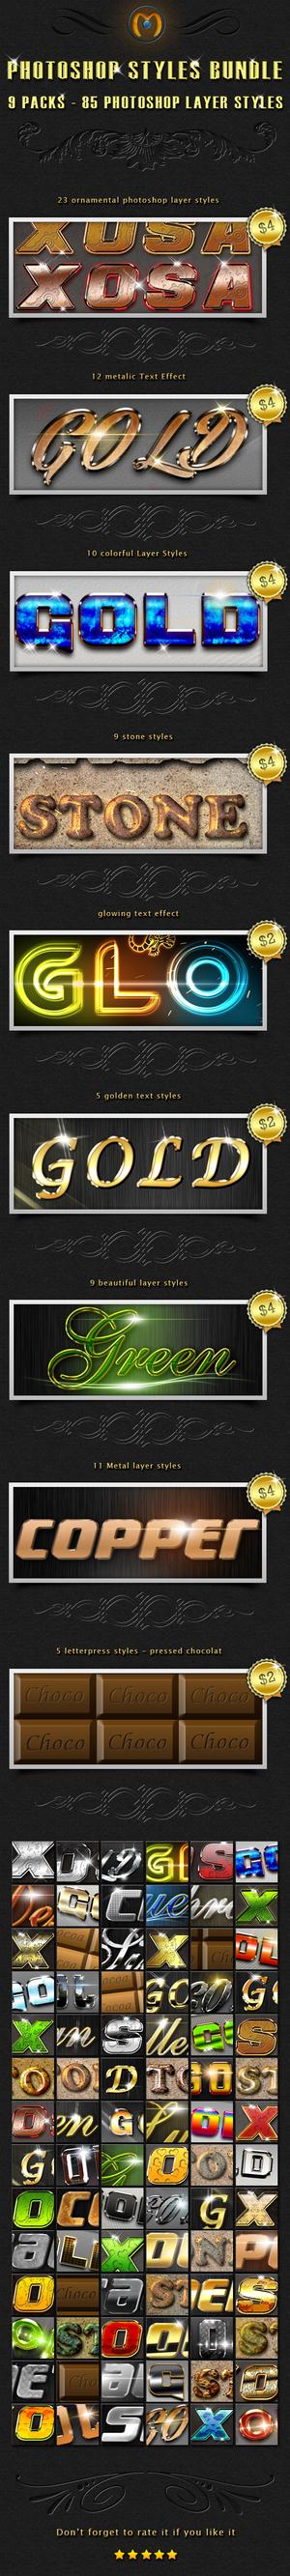 85 Photoshop Styles Bundle by simoke820